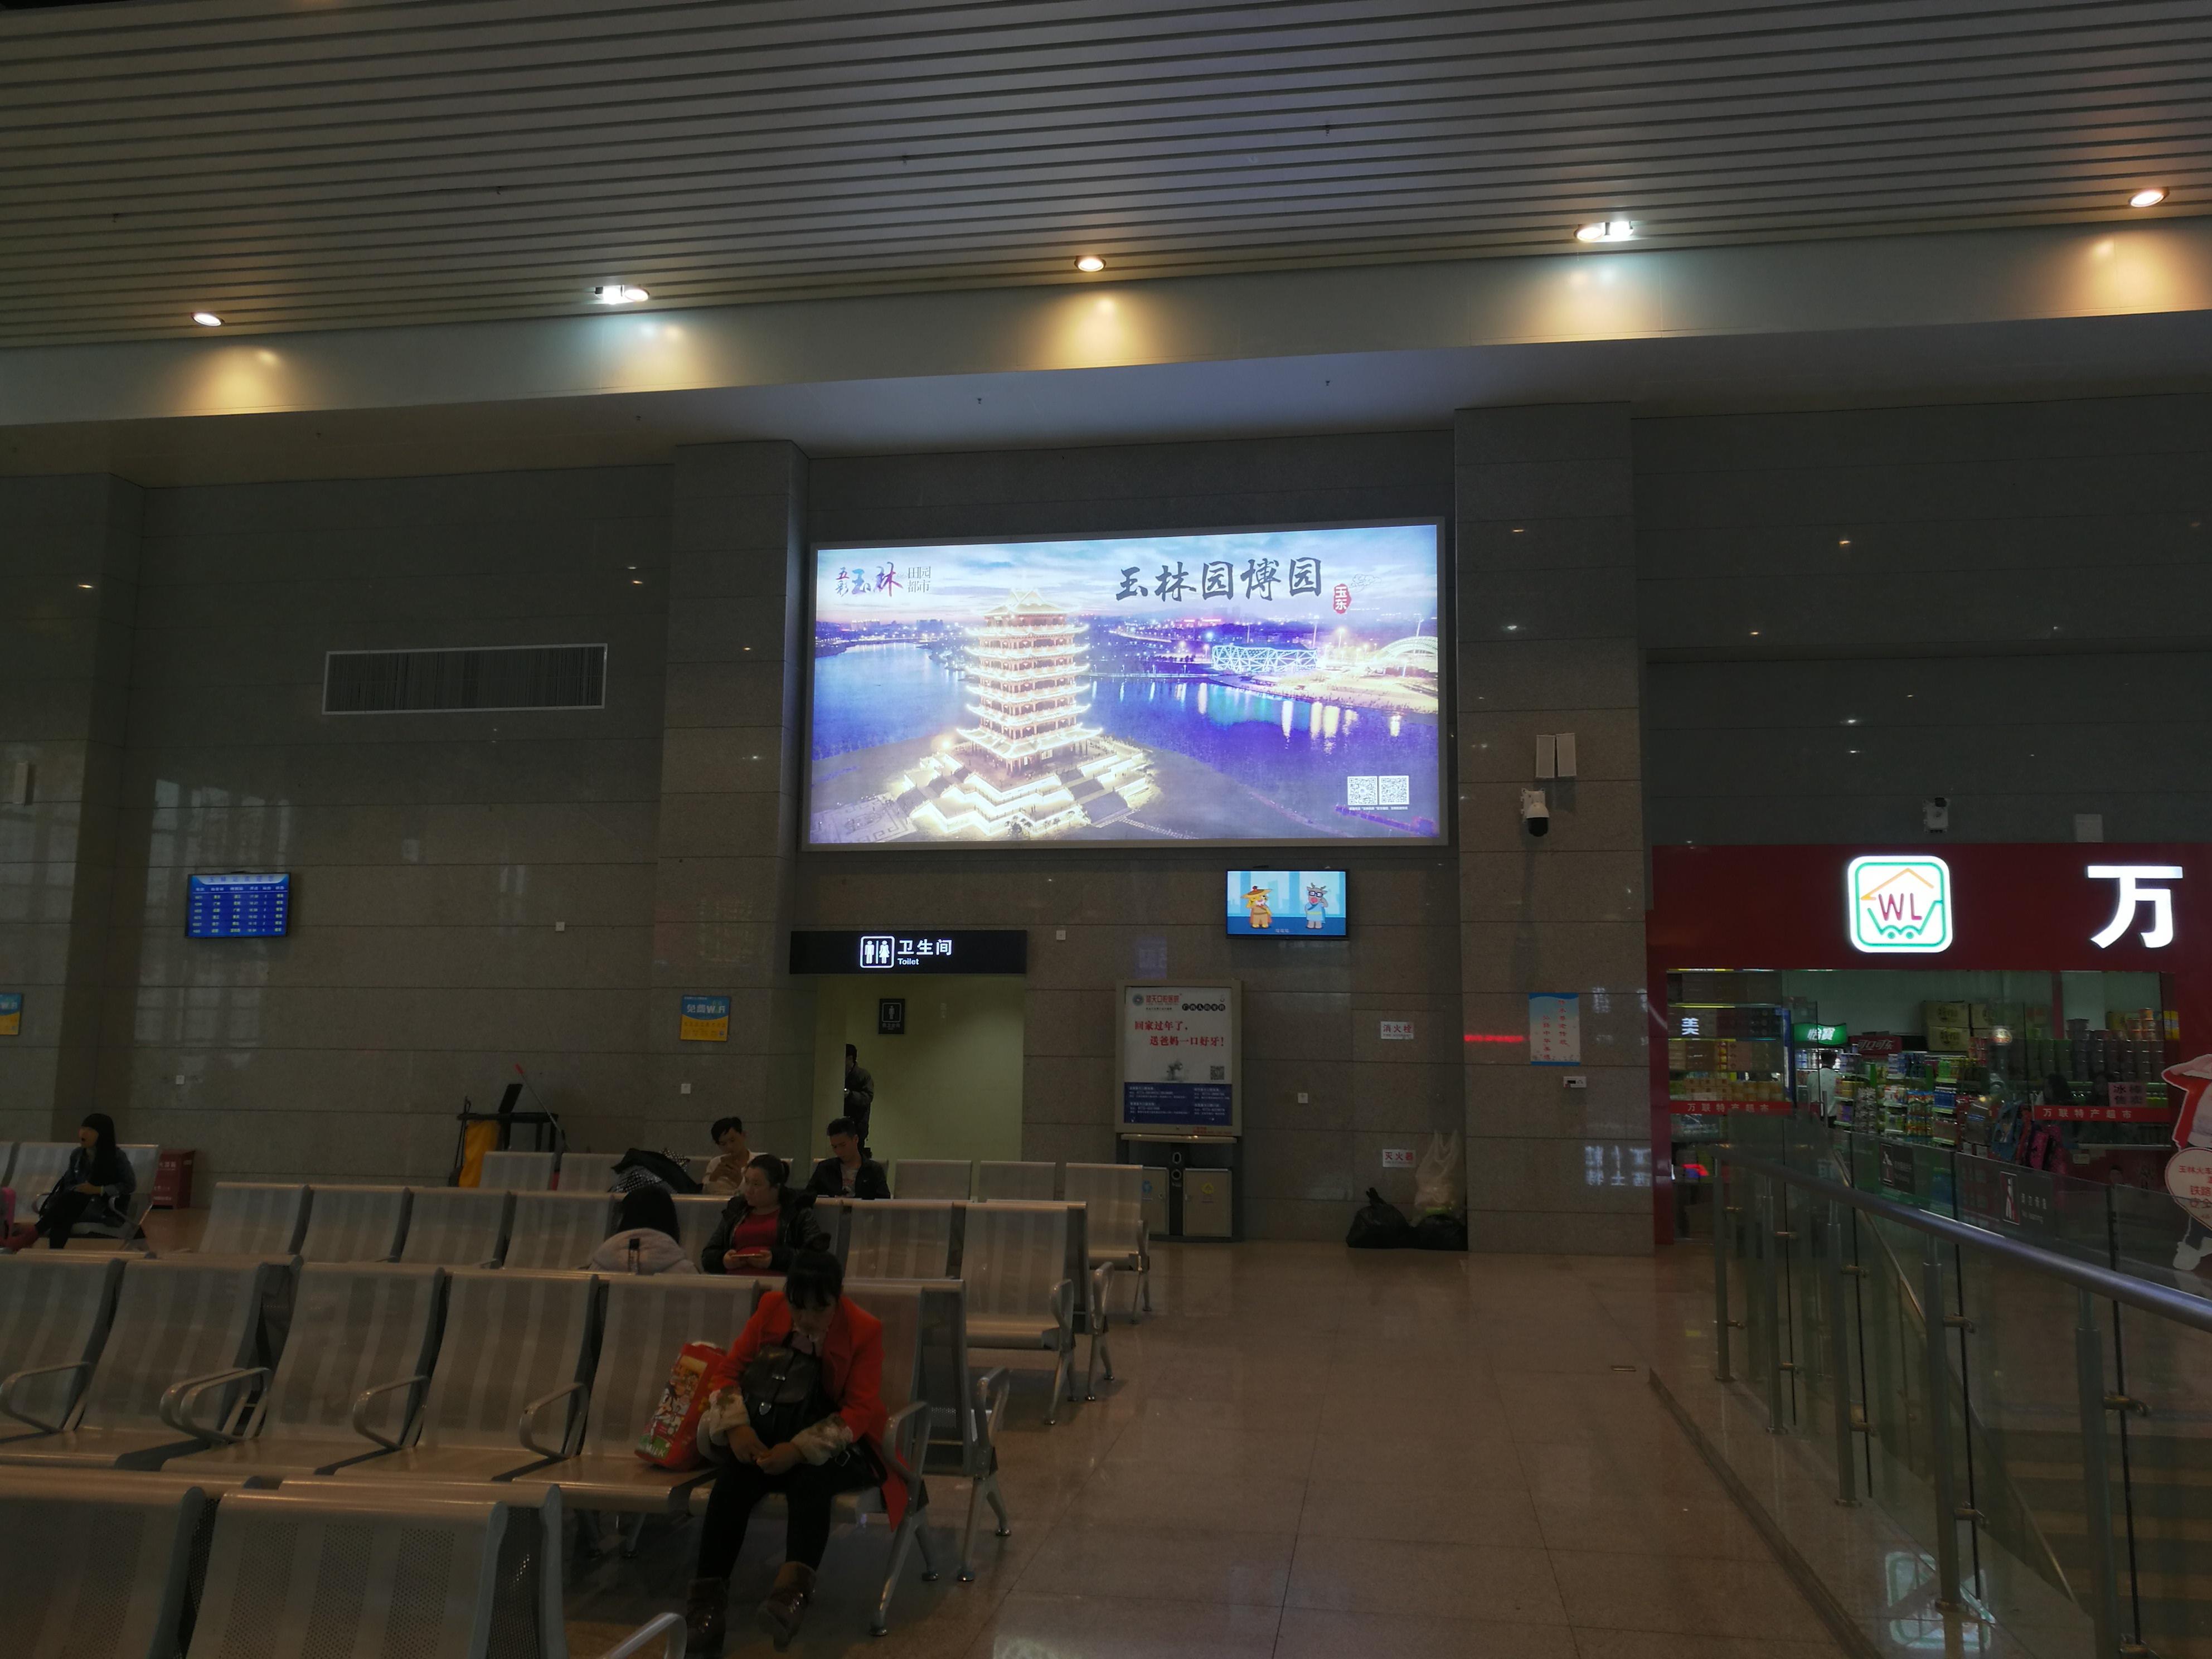 广西玉林市玉林站火车站高铁站候车大厅灯箱媒体广告位